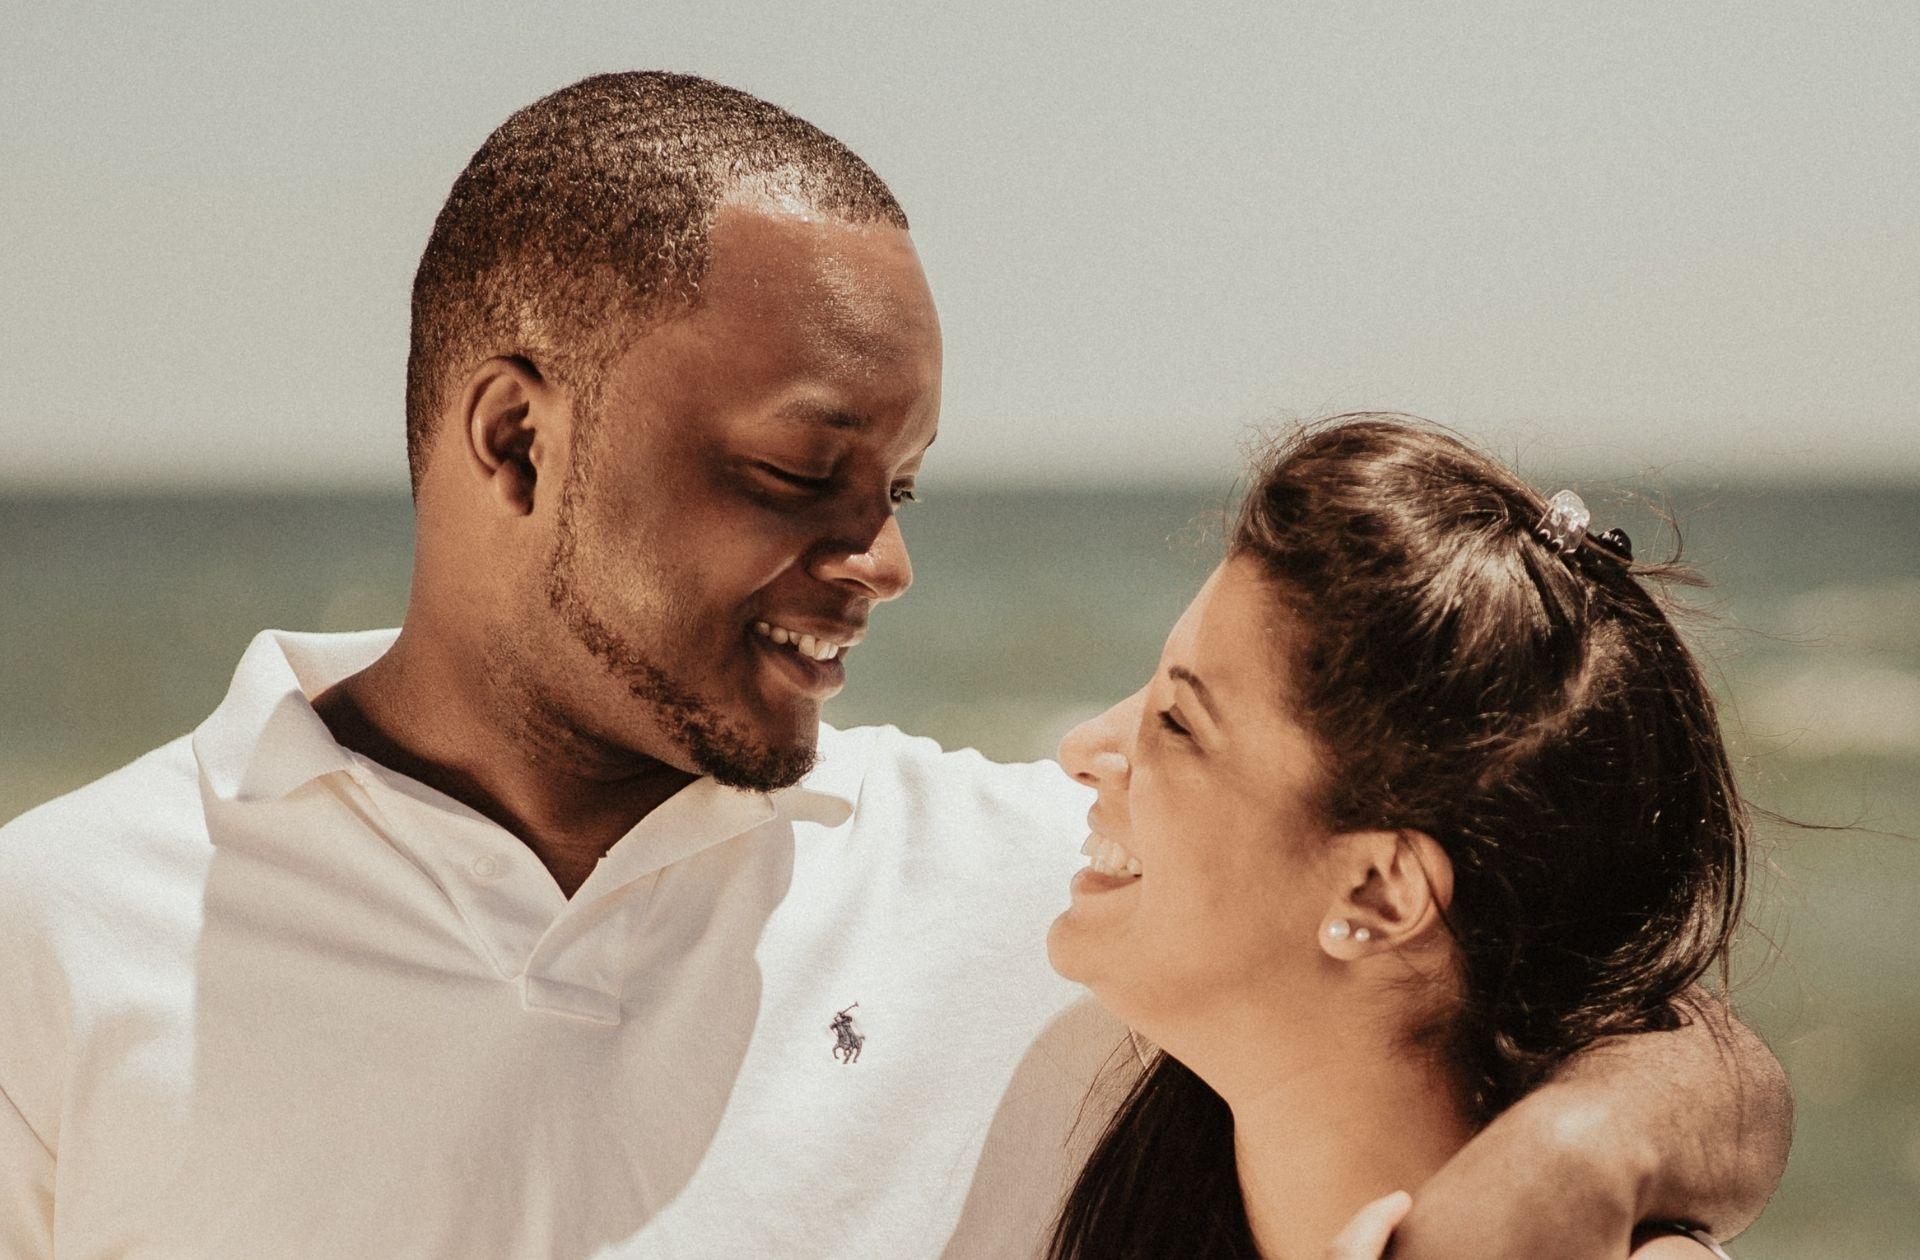 Deux amis racontent comment ils sont tombés amoureux